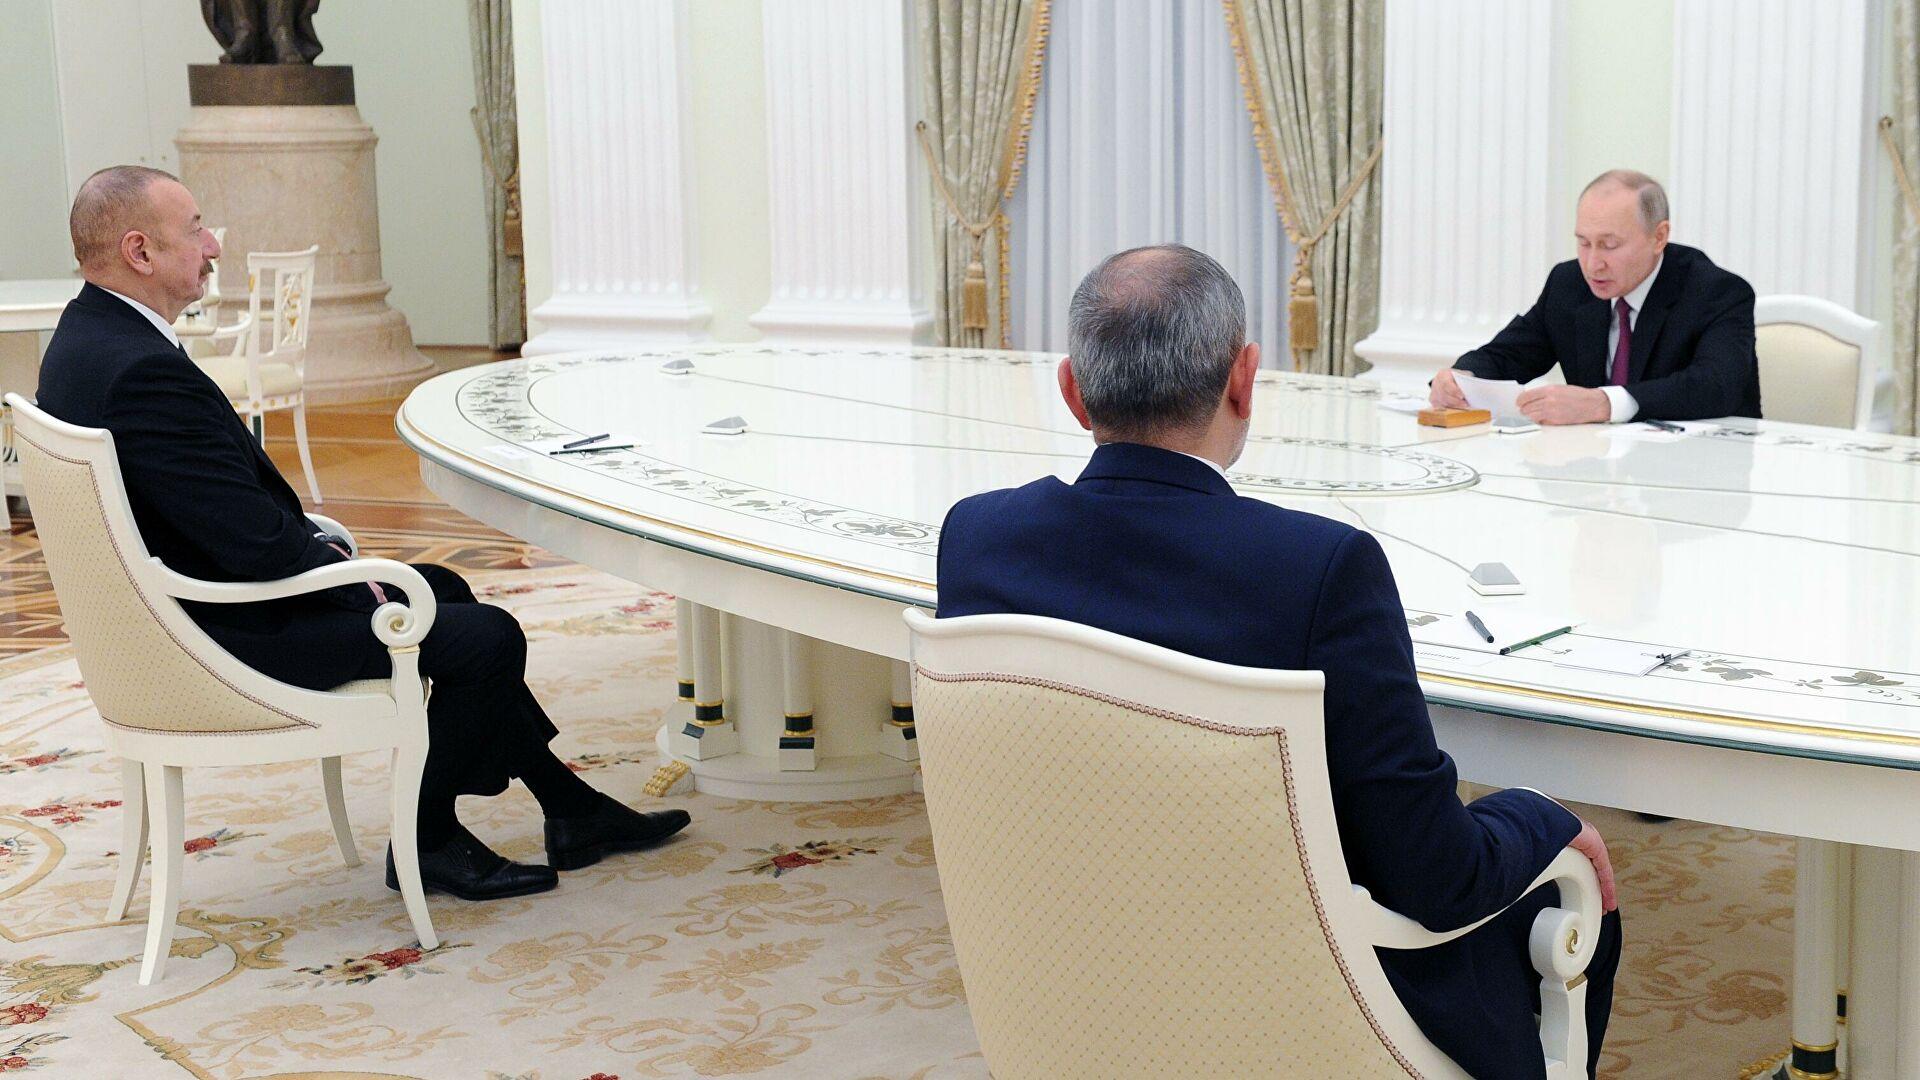 Трёхсторонняя встреча лидеров Армении, России и Азербаййждана